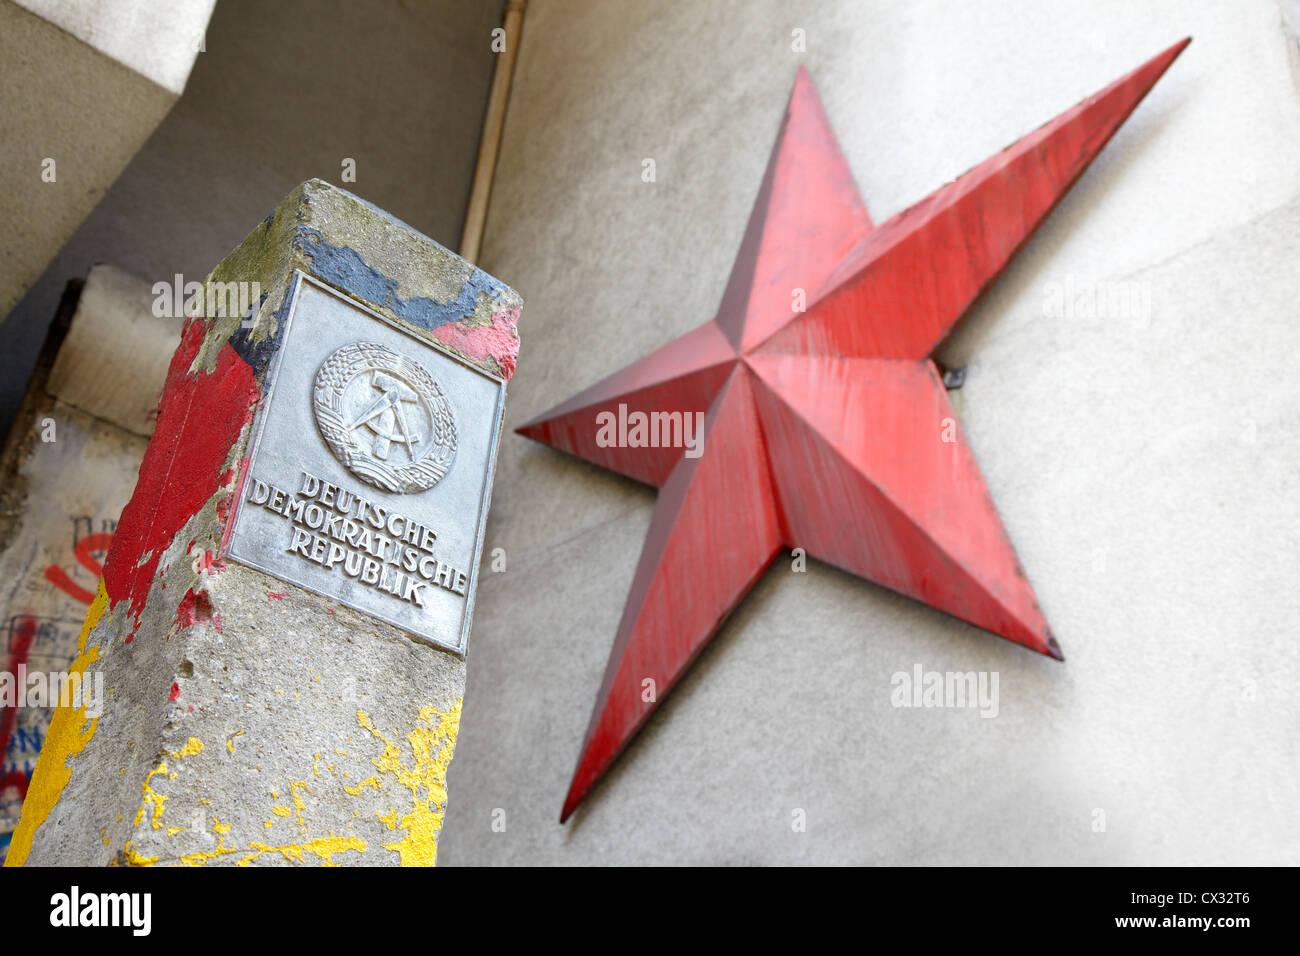 DDR Schild und roter Stern in Berlin Stockfoto